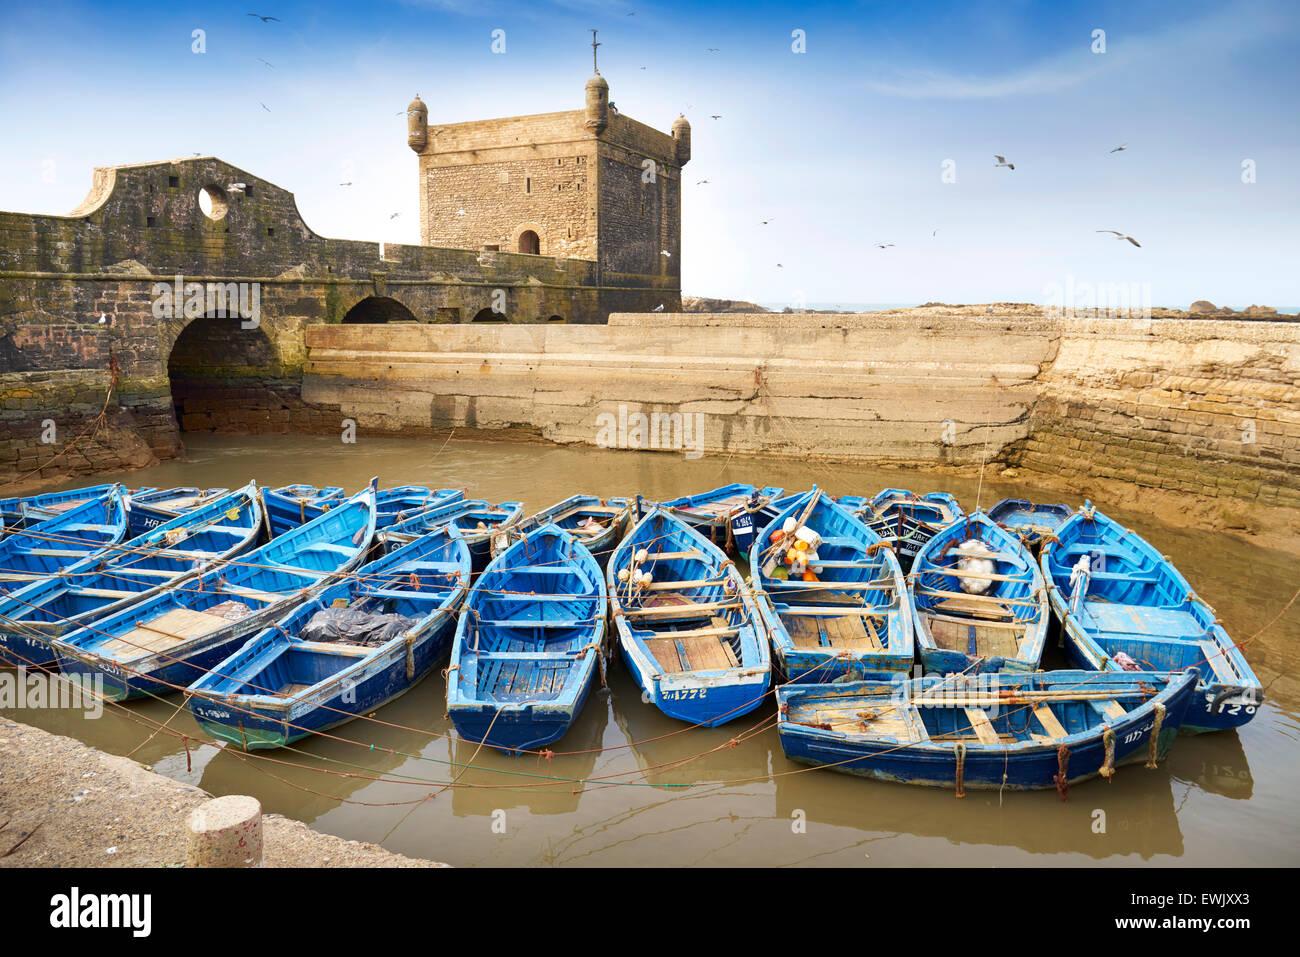 El azul de los barcos de pesca en el puerto de Essaouira, Marruecos Imagen De Stock